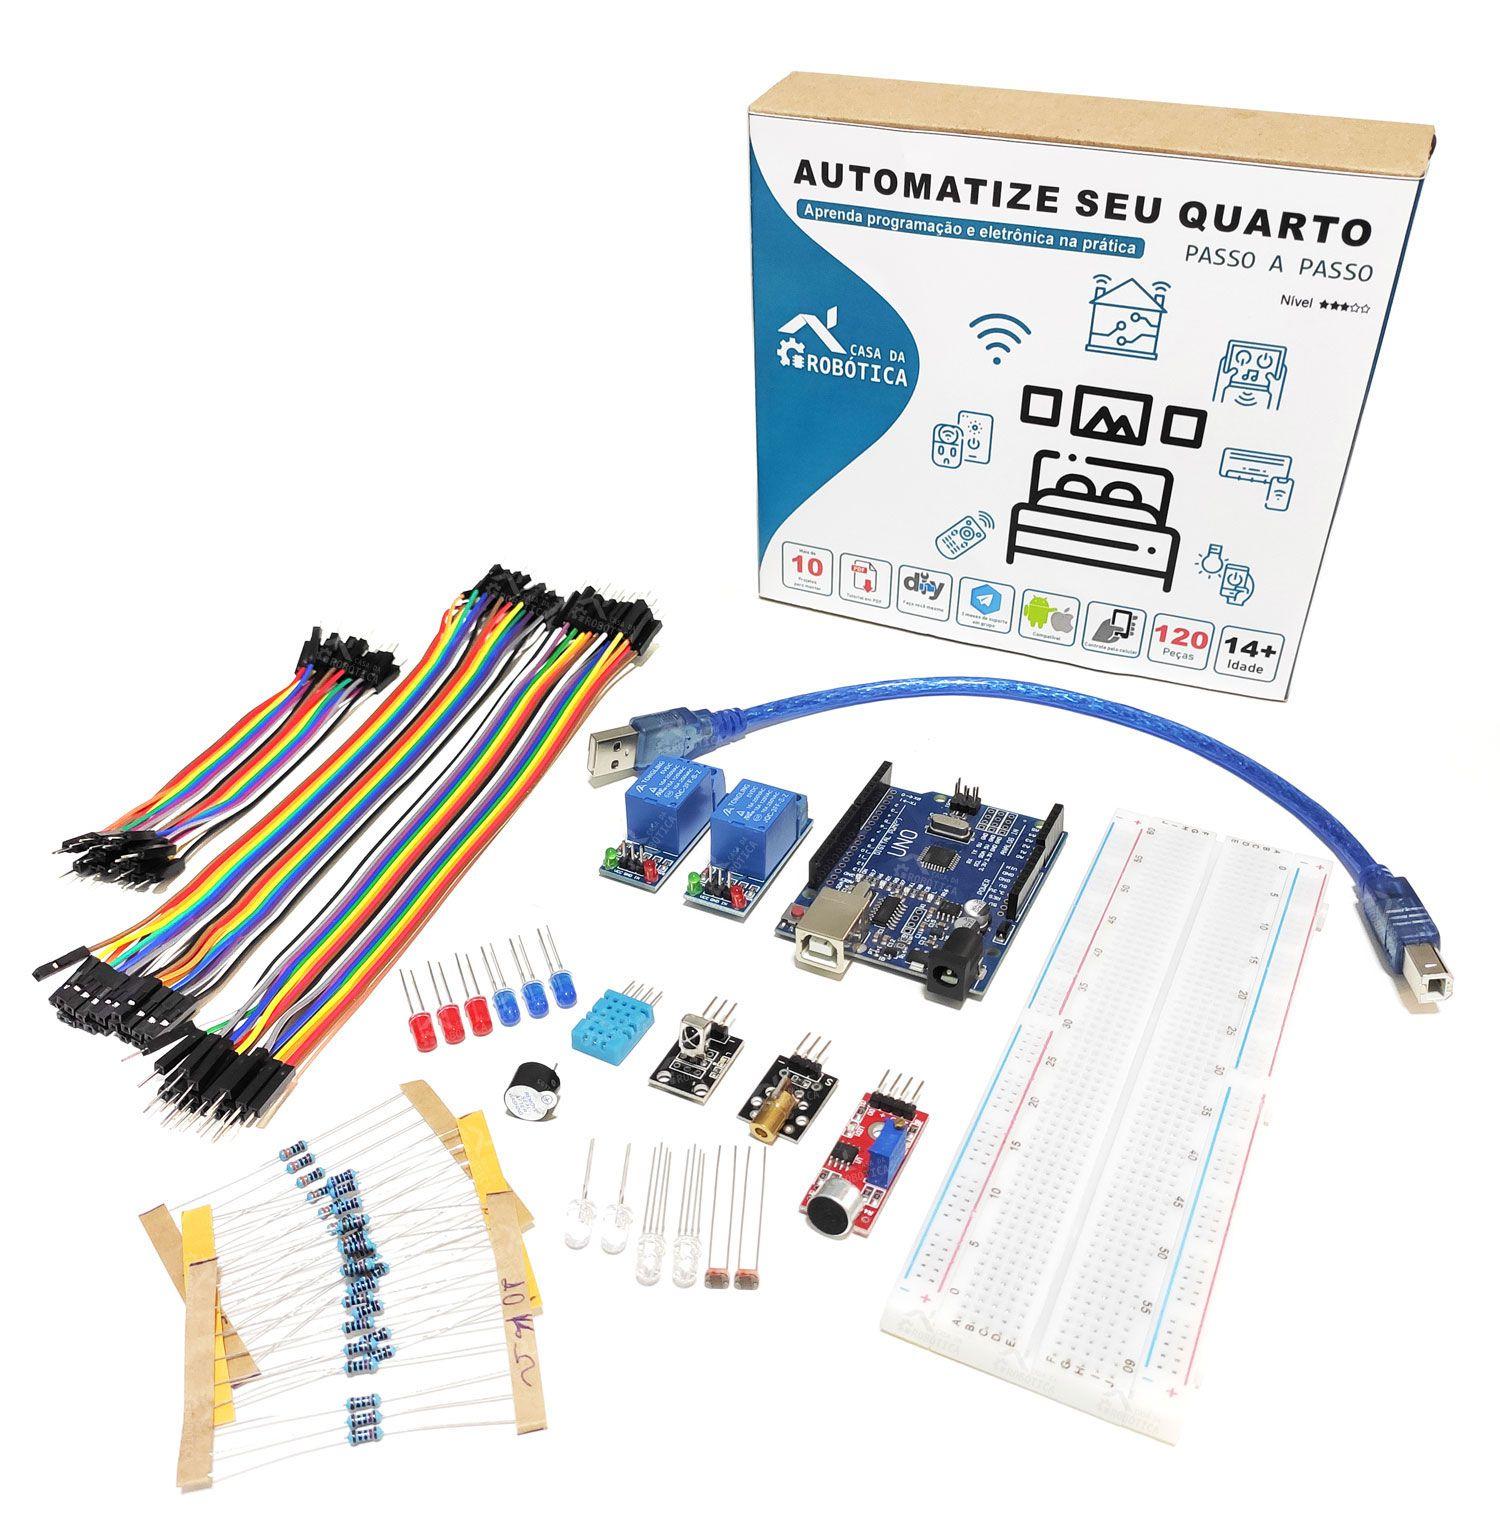 Kit Automação Residencial Robótica Com Tutorial Para Arduino - Automatize seu Quarto!